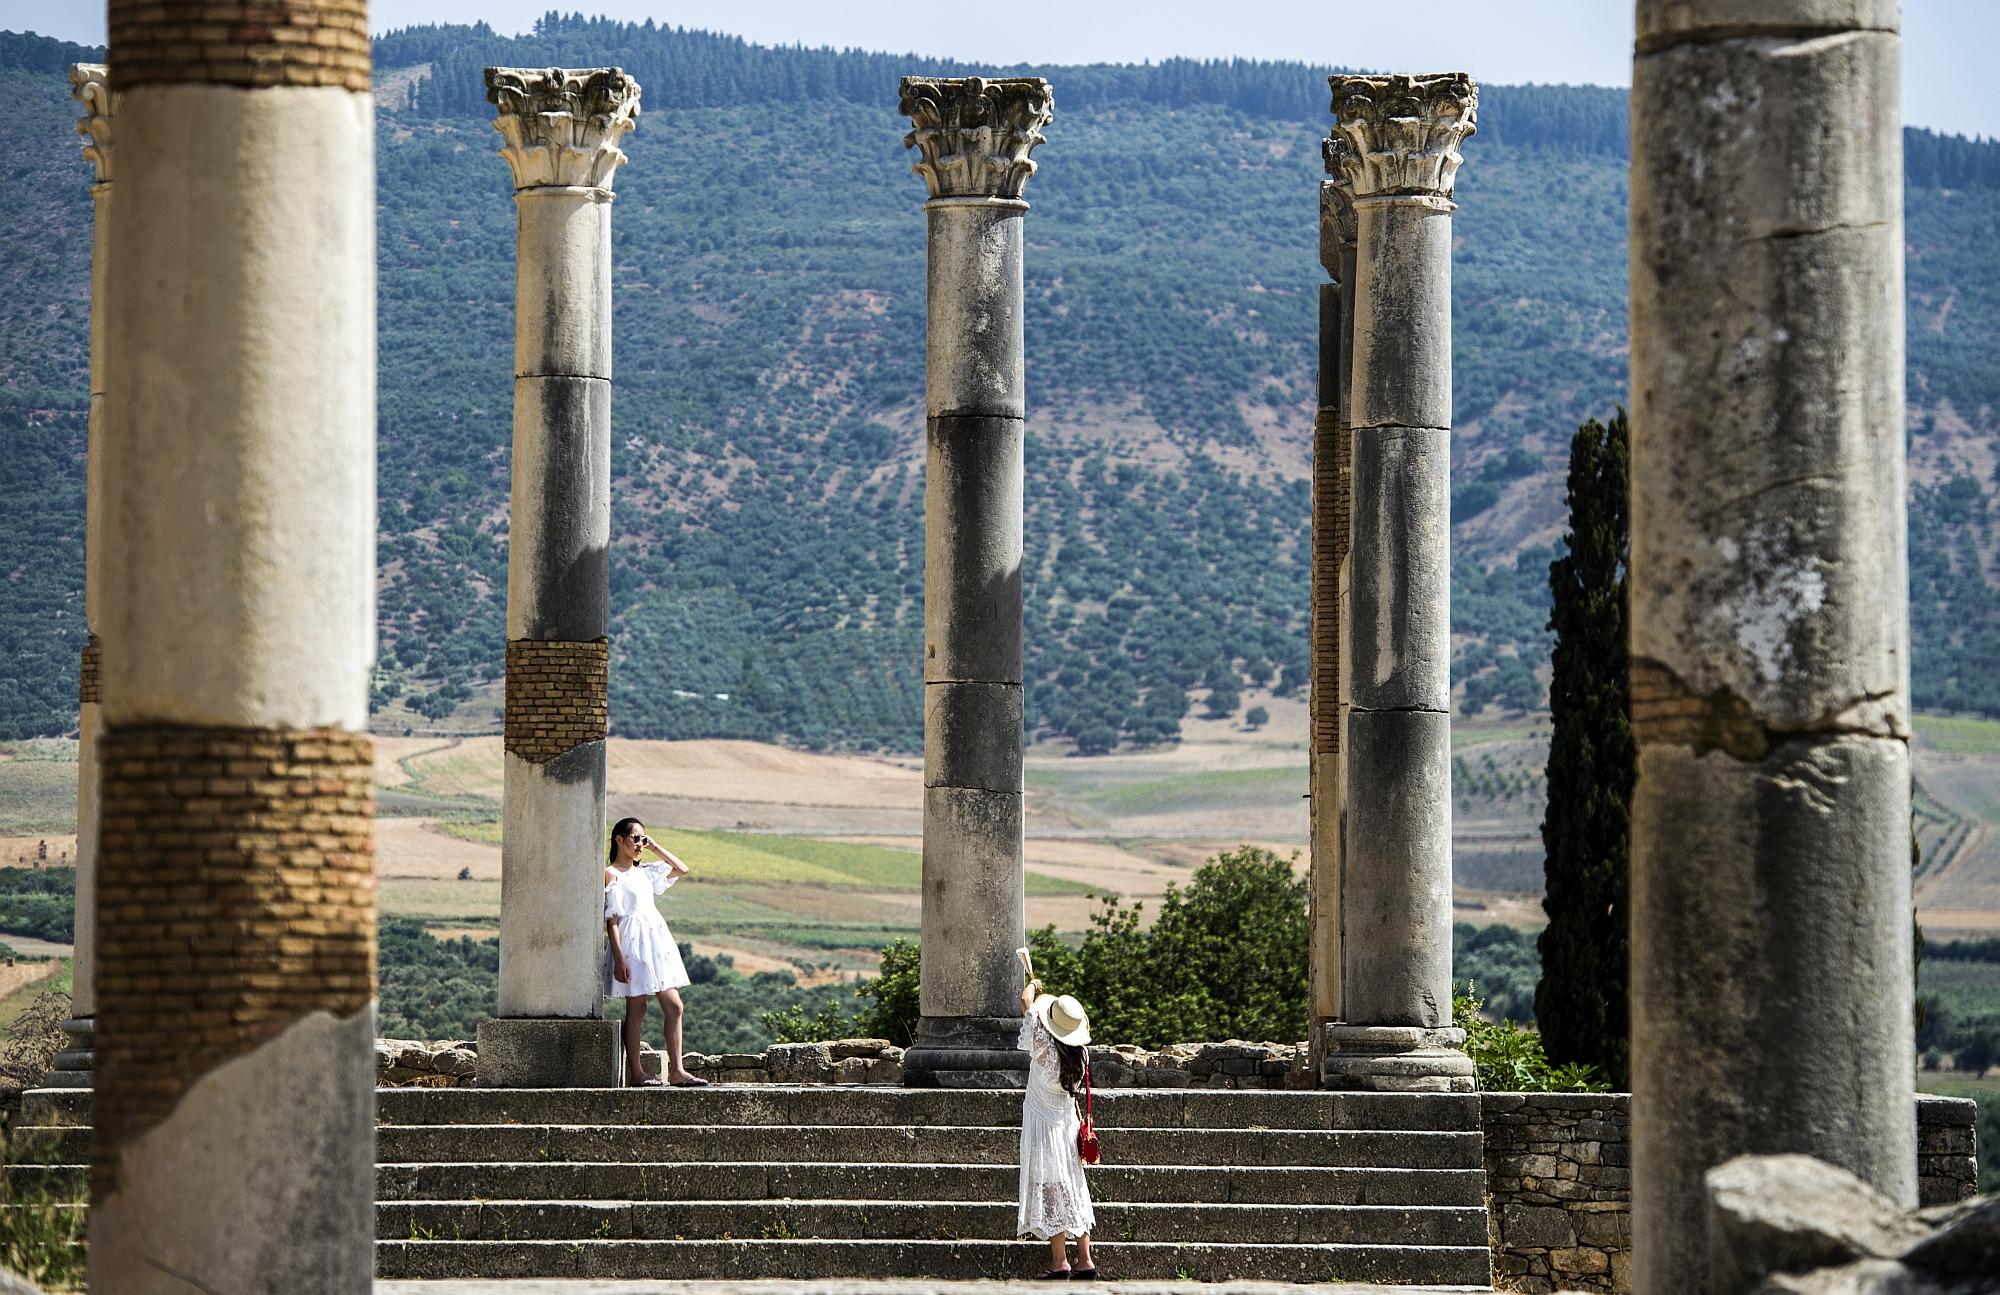 Turistas visitam as ruínas romanas de Volubilis, no Marrocos